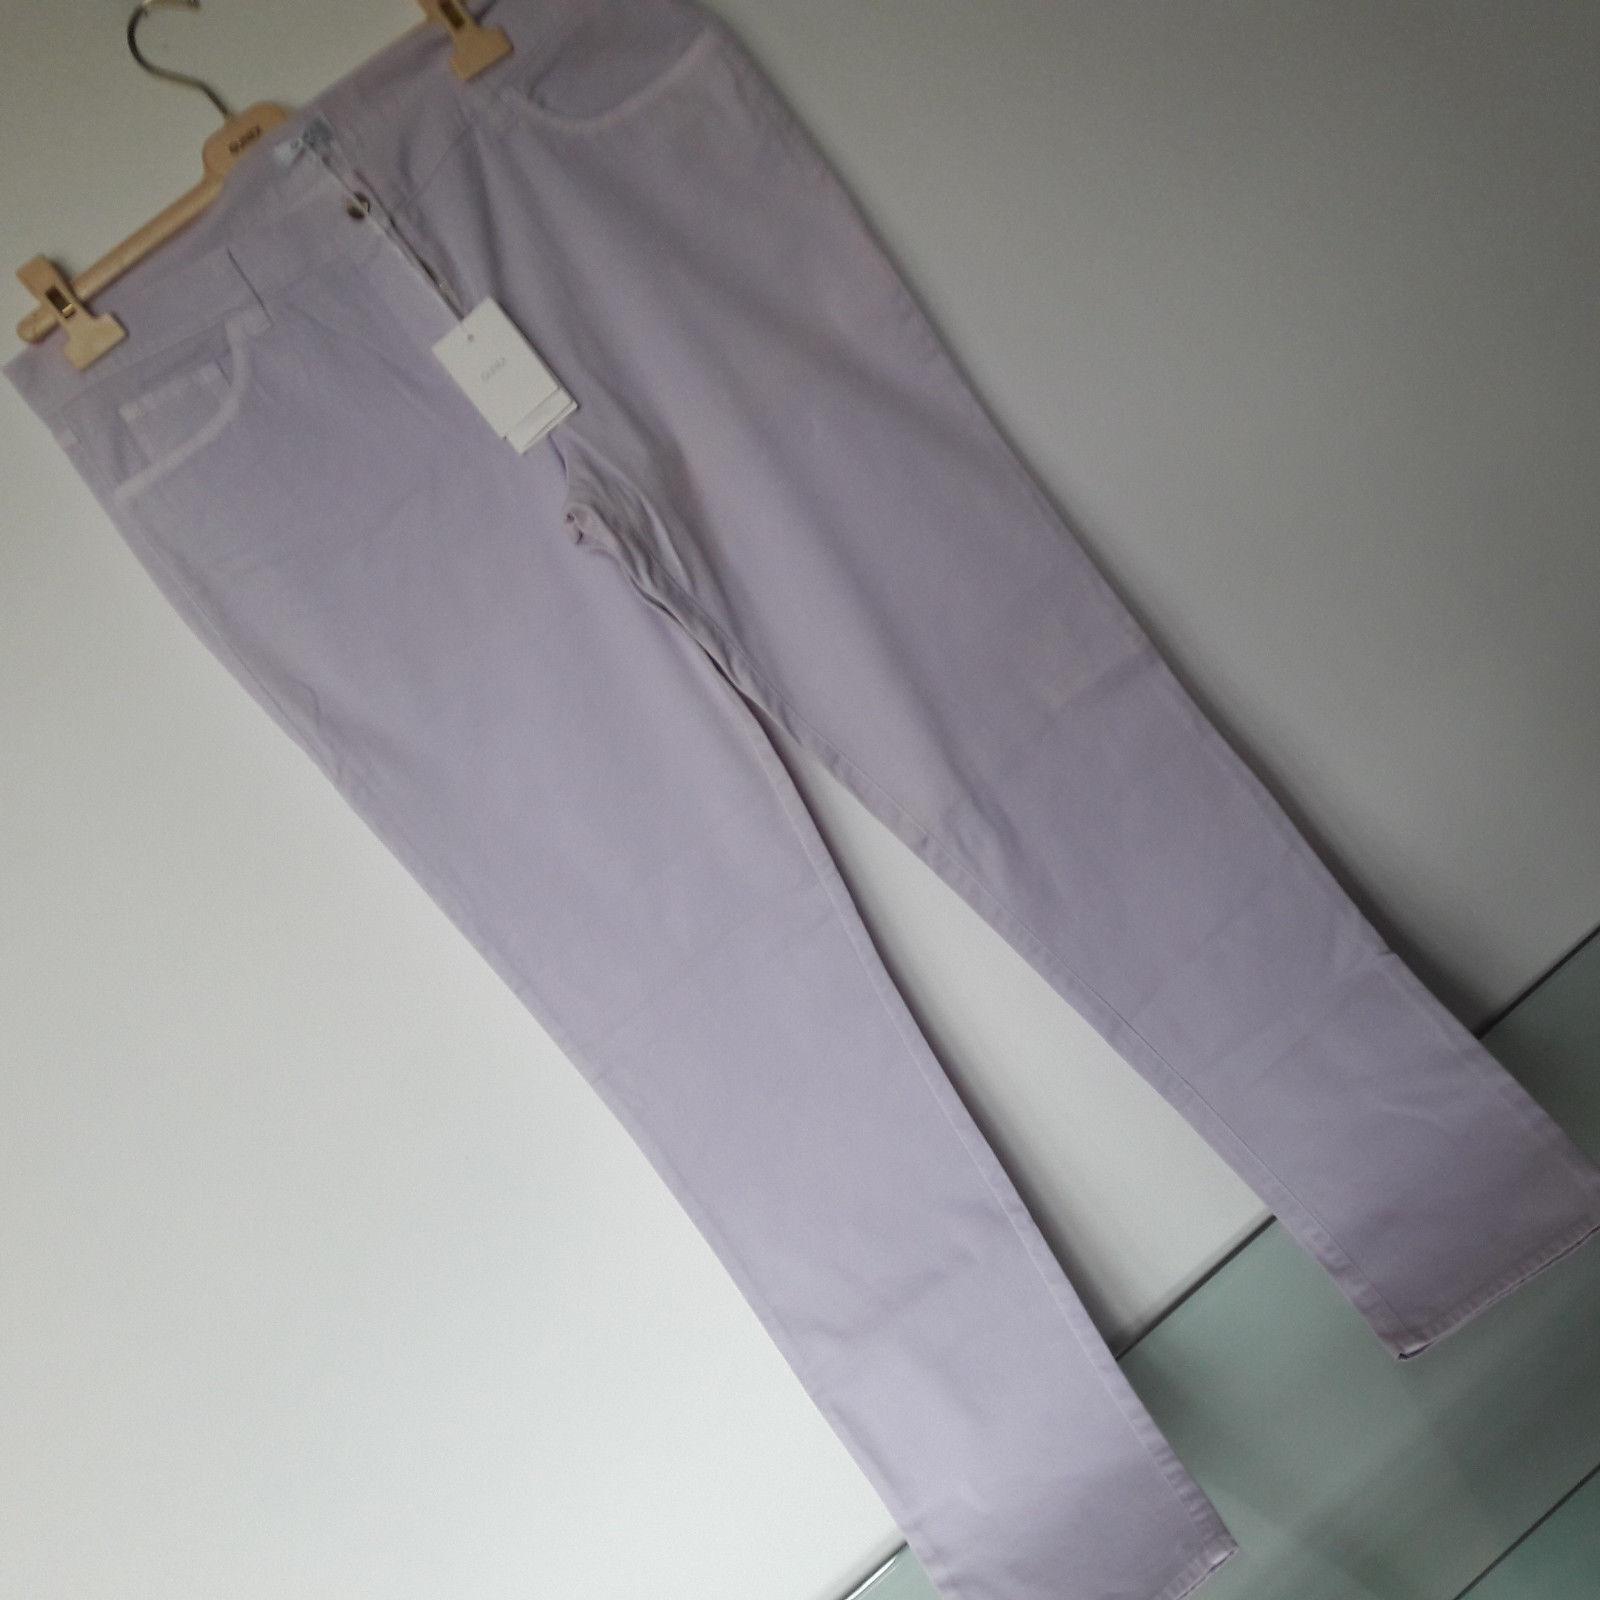 Pantalone GUNEX (Brunello Cucinelli) tg. 50 colore lilla pallido pallido pallido cotone NUOVO 46fe31